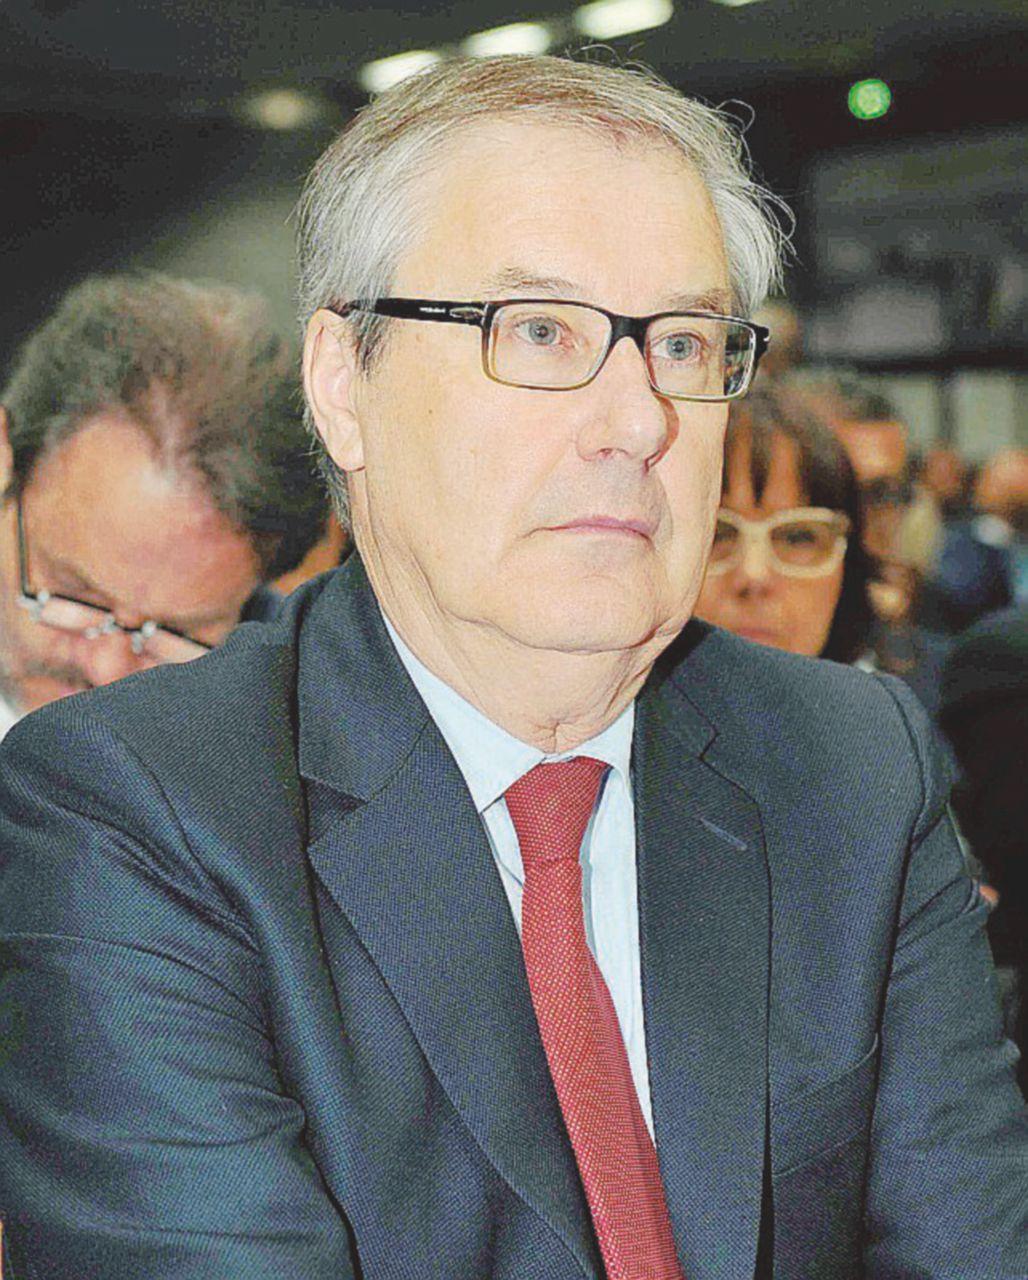 Banca Etruria, terza multa a babbo Boschi da Consob: 120mila euro per le obbligazioni vendute ai piccoli risparmiatori